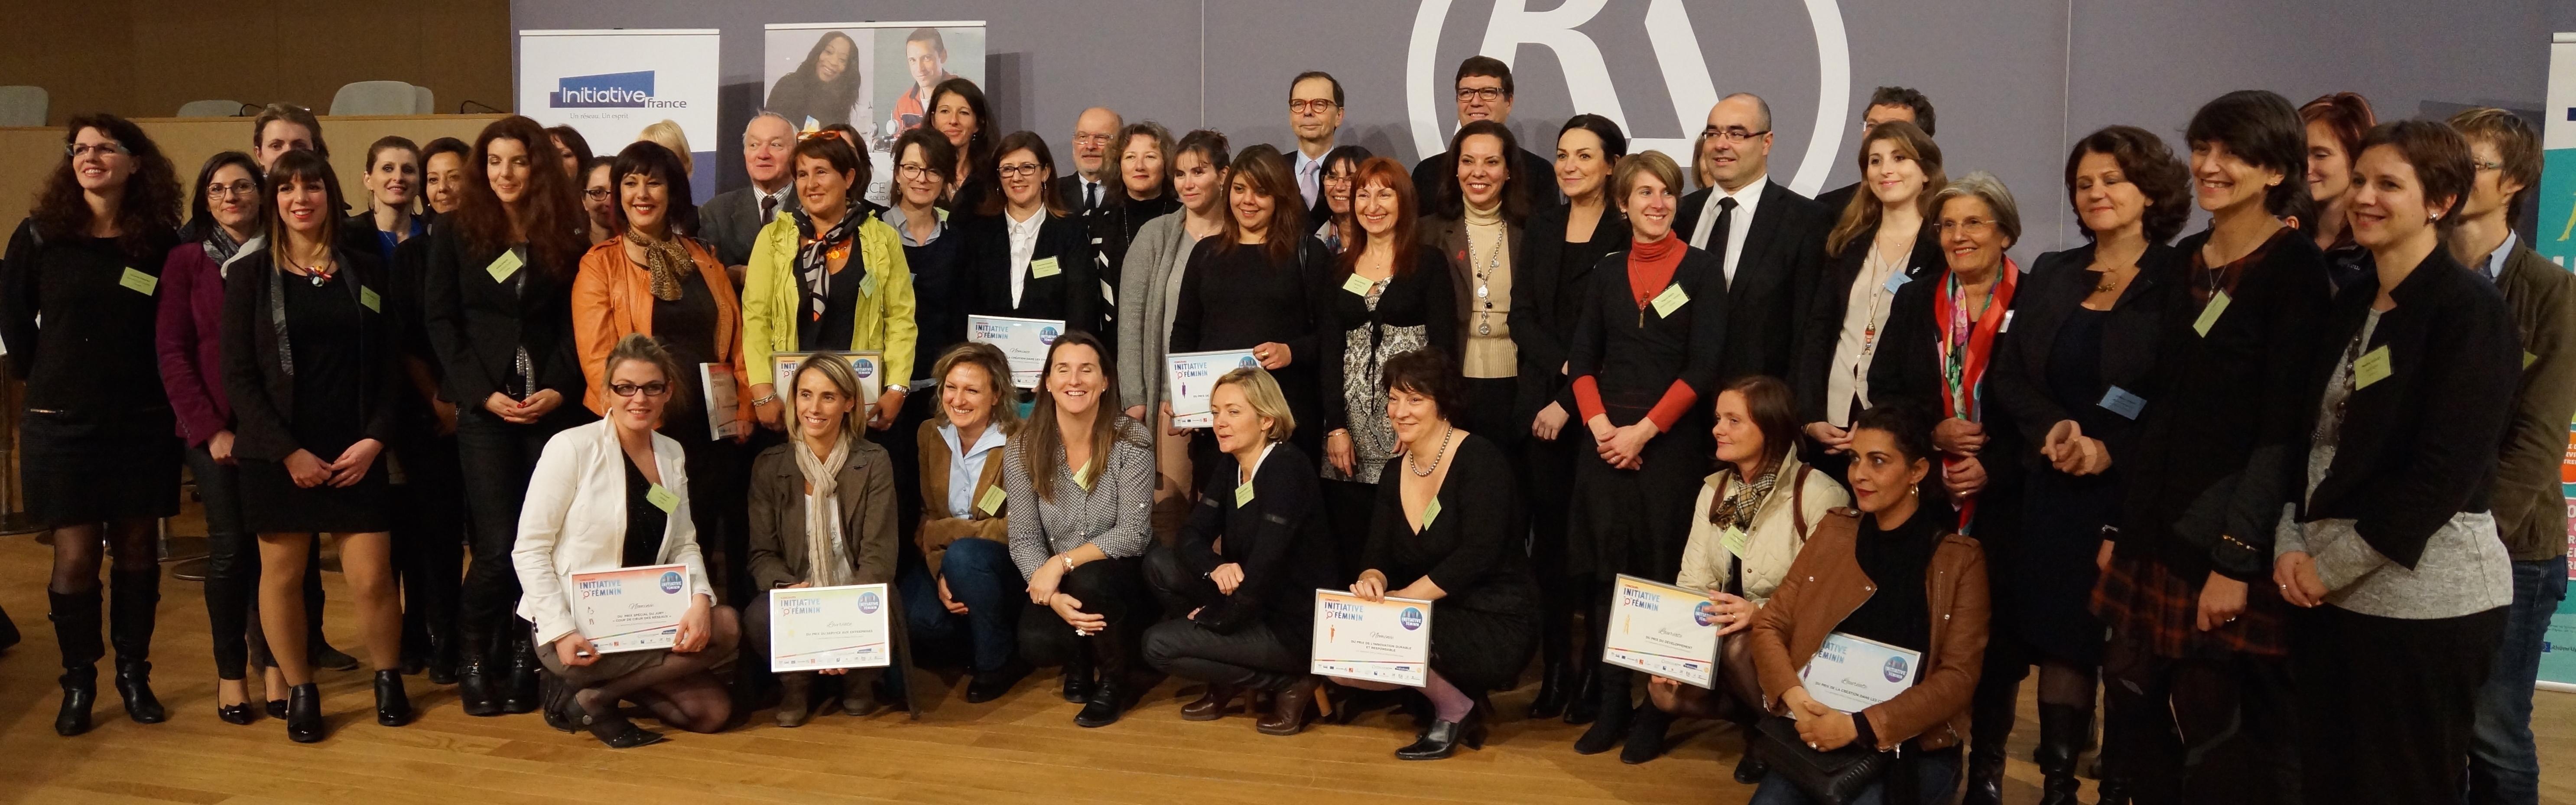 Les lauréates 2014